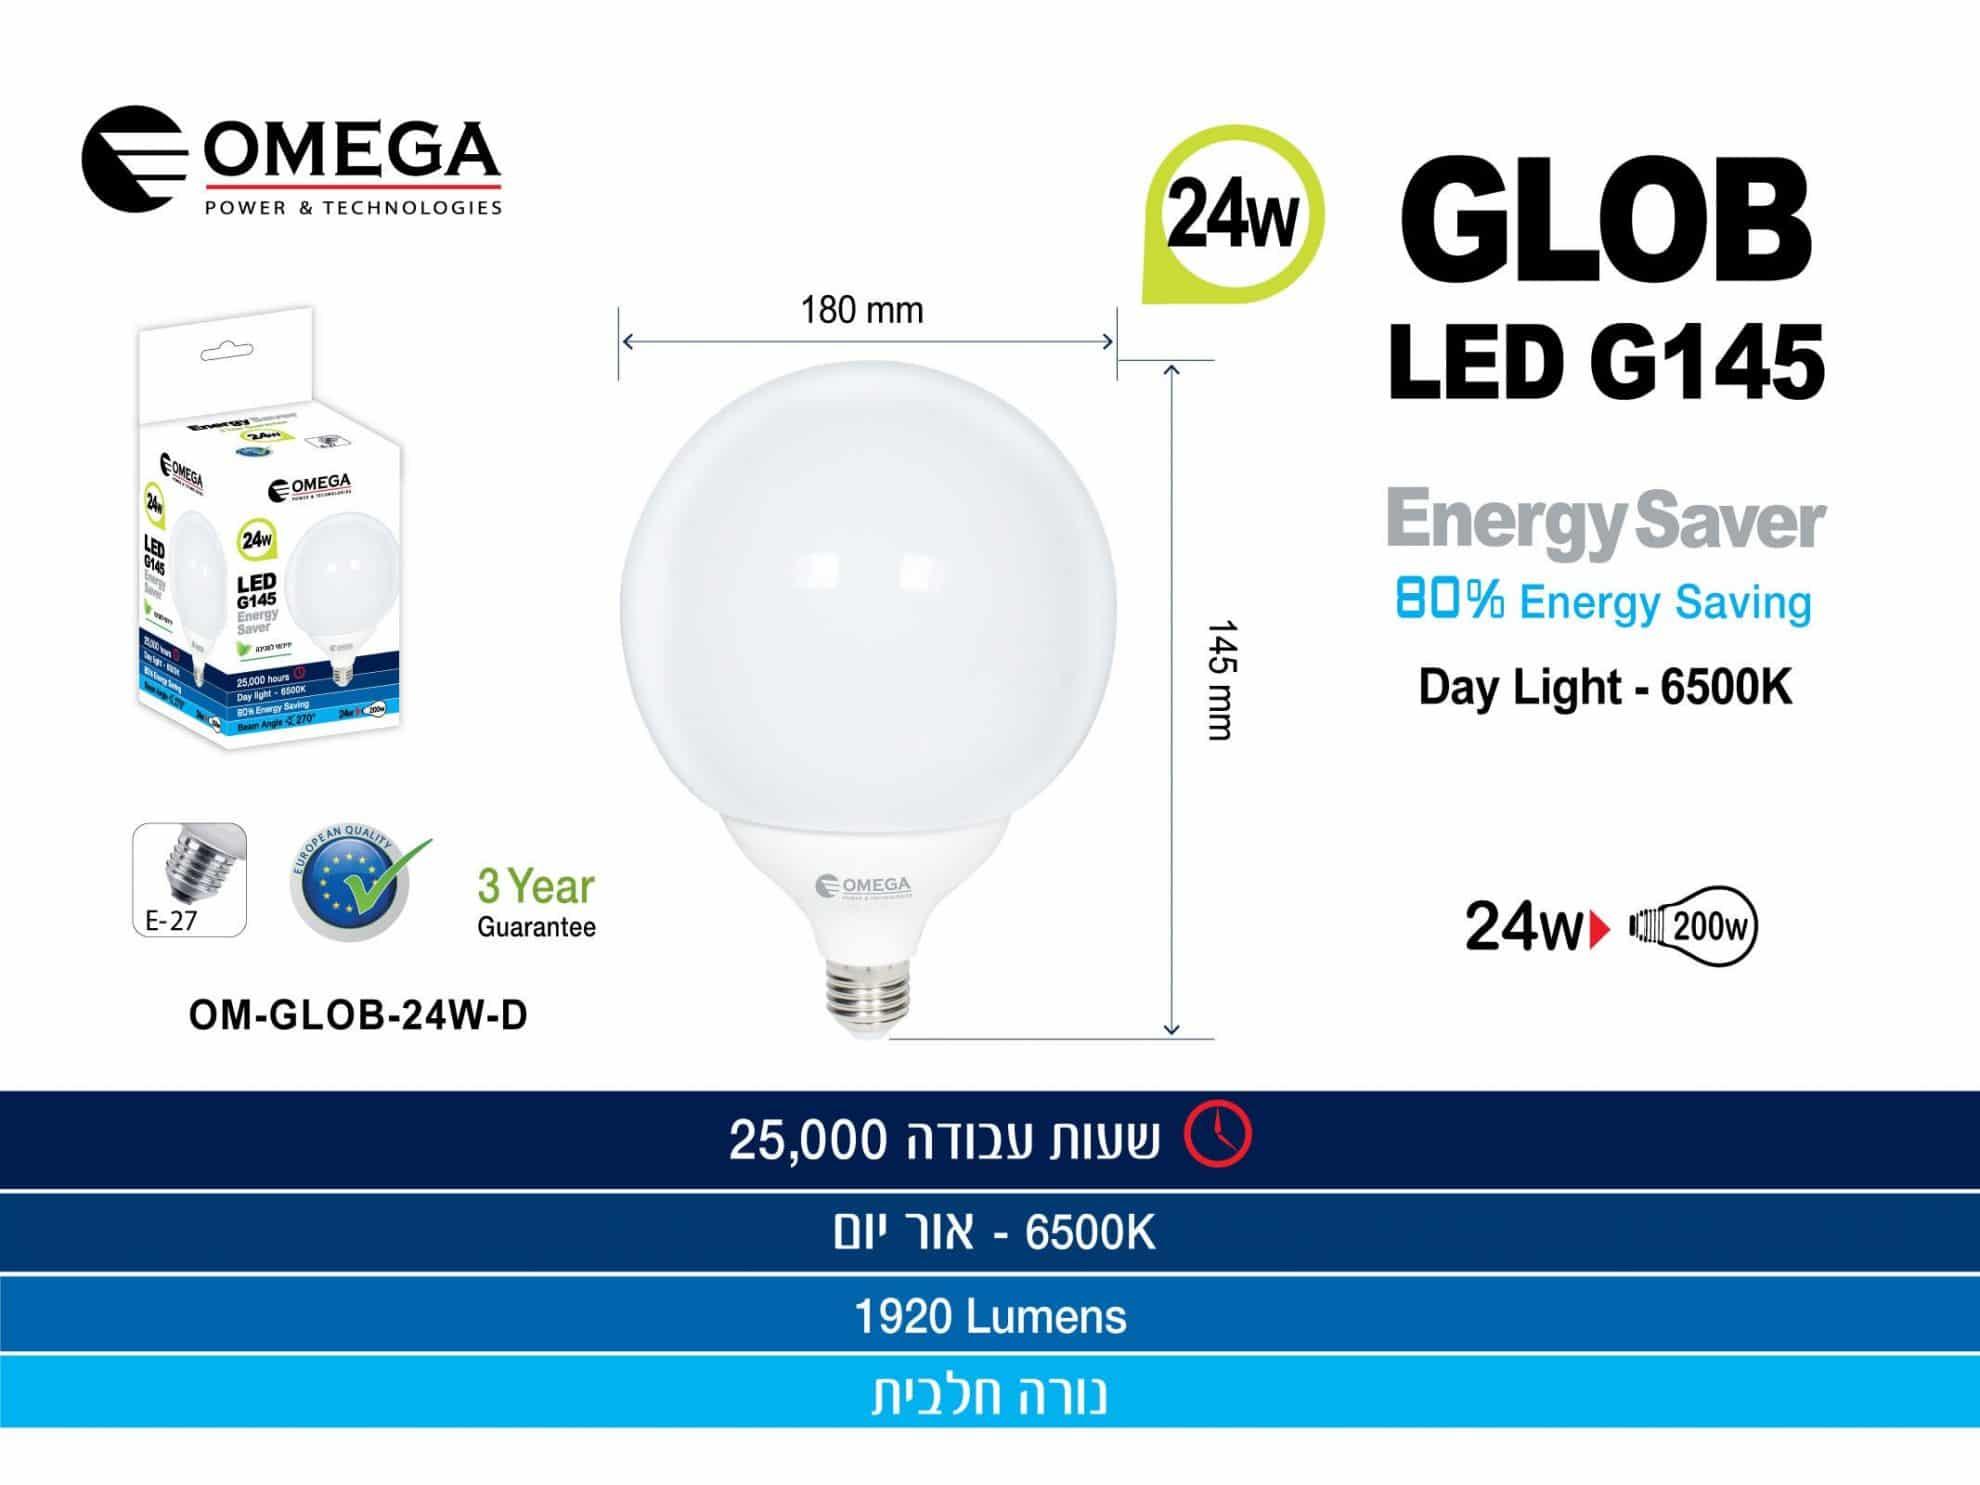 נורת לד גלוב145 24W אור יום   OMEGA חלבי E27